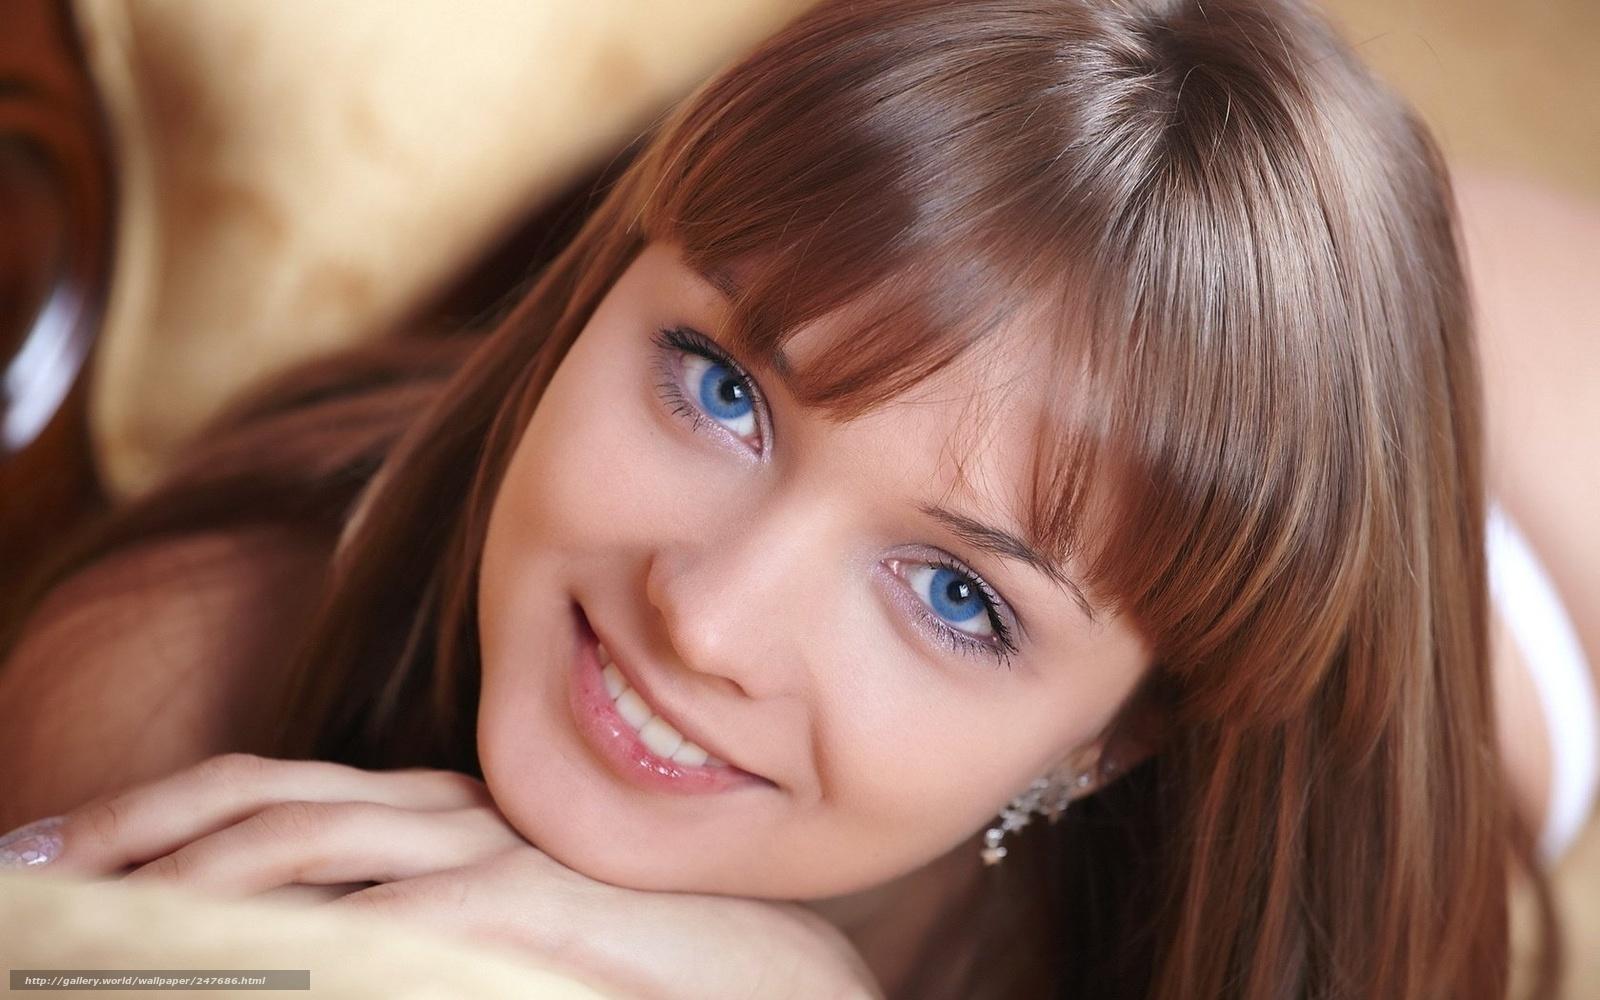 Потрясающая девушка с милой улыбкой и прекрасной фигурой 12 фотография